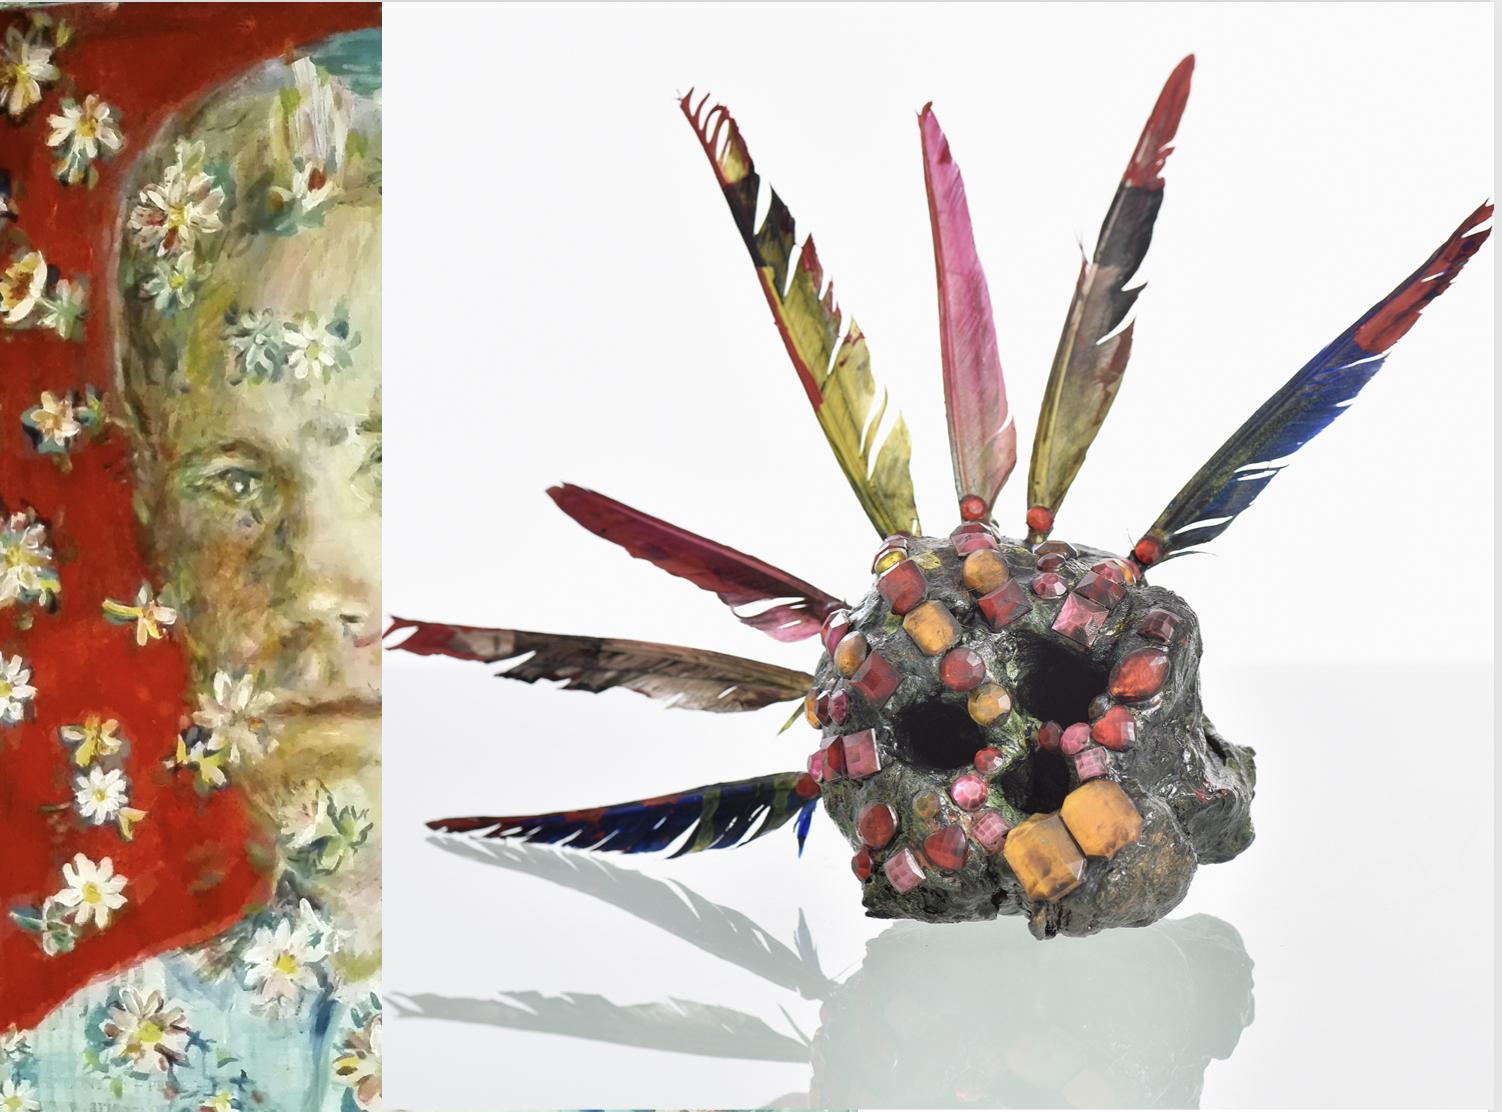 """Affiche exposition Entre tous ses mondes, portrait """"presence"""" inspiré de l'agent dale de Twin Peaks et une tête réduite transformée en reliquaire précieux"""